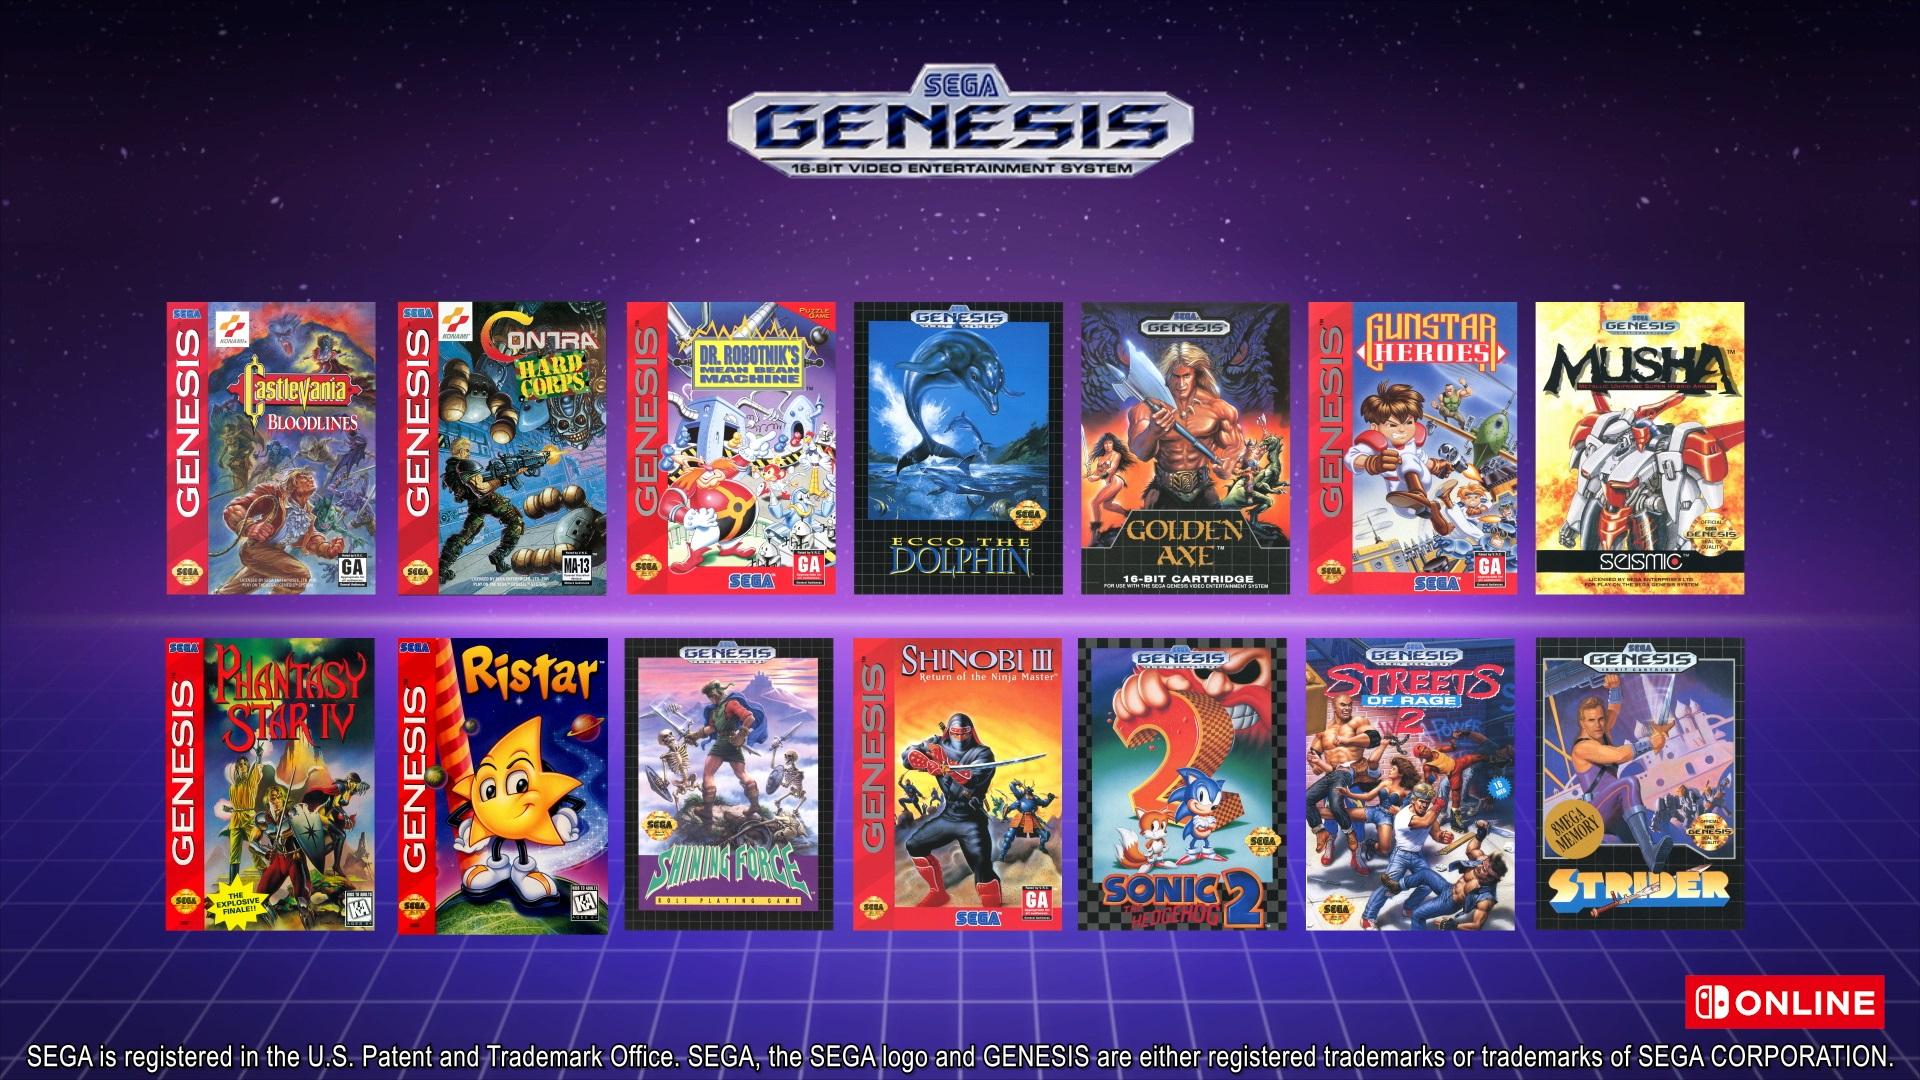 Předplatné Nintendo Switch Online dostane rozšířenou verzi Genesis